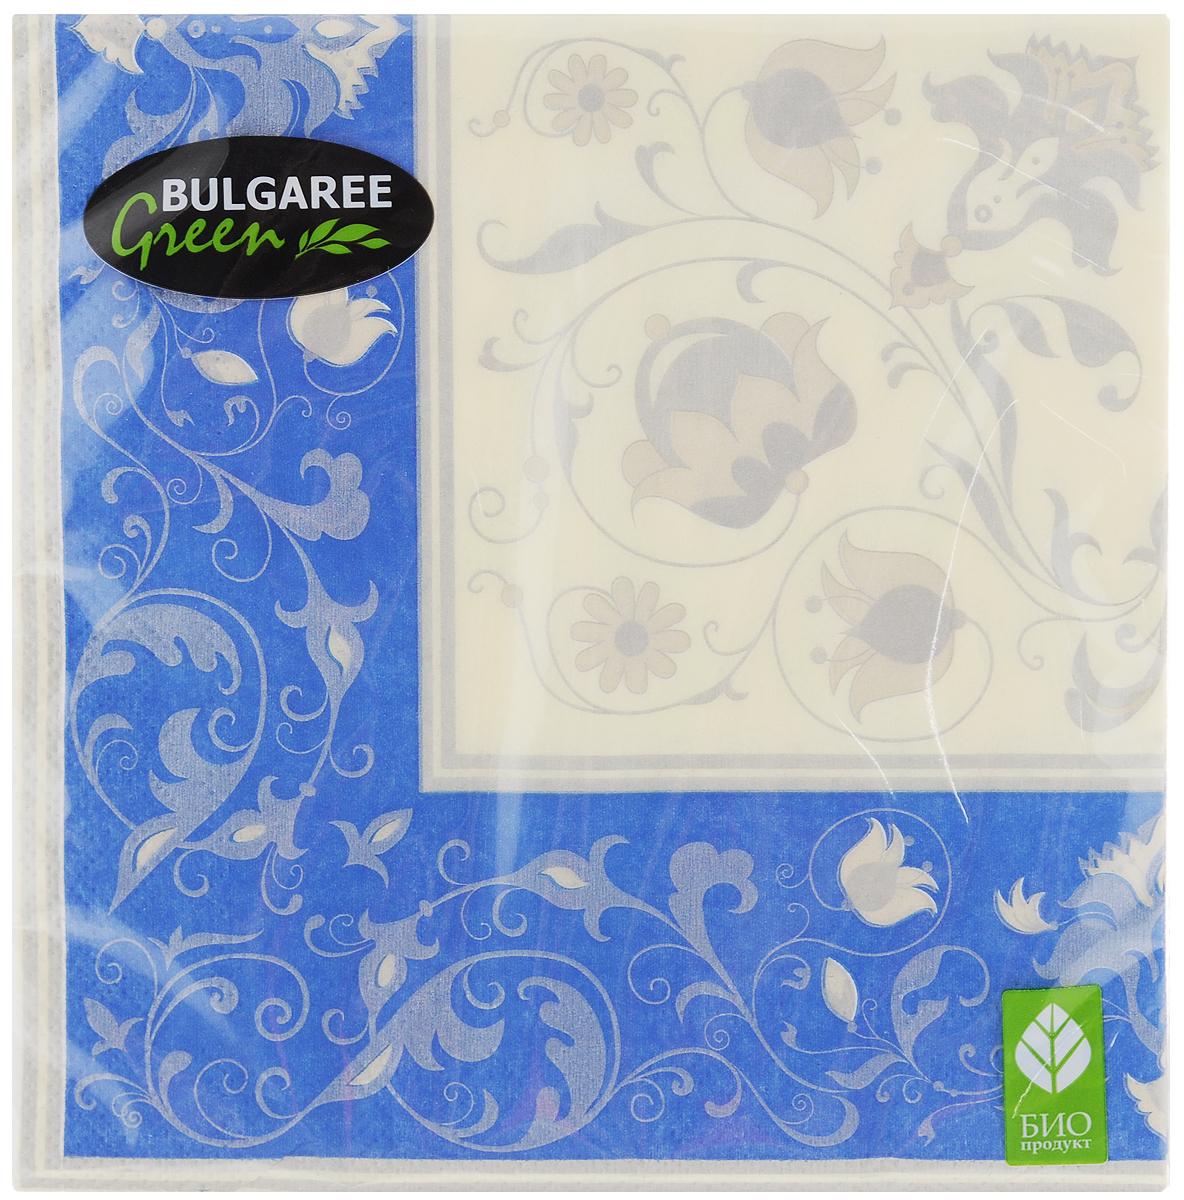 Салфетки бумажные Bulgaree Green Белла, трехслойные, 33 х 33 см, 20 штC0042416Трехслойные салфетки Bulgaree Green Белла выполнены из 100%целлюлозы и оформлены красивым рисунком. Изделия станут отличным дополнением любого праздничного стола. Они отличаются необычной мягкостью, прочностью и оригинальностью.Размер салфеток в развернутом виде: 33 х 33 см.